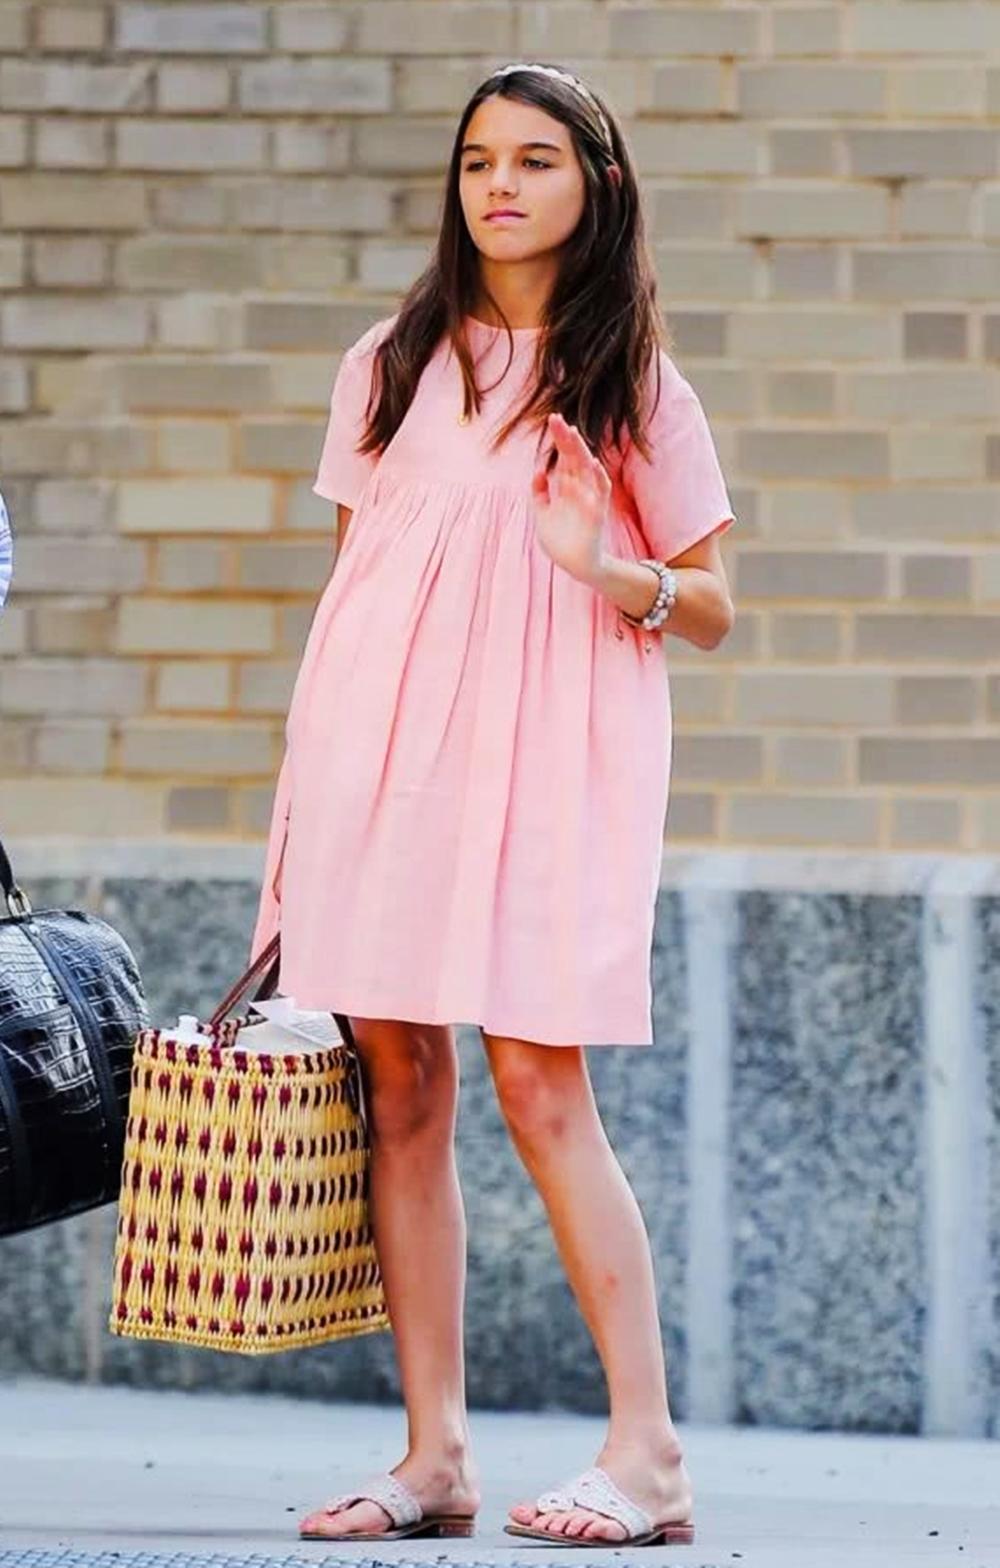 Tháng 7/2019, con gái Tom Cruise diện đầm hồng đào phối sandals xỏ ngón Jack Rogers. Suri hoàn thiện set đồ với băng đô, vòng tay và giỏ xách dã ngoại cỡ lớn.